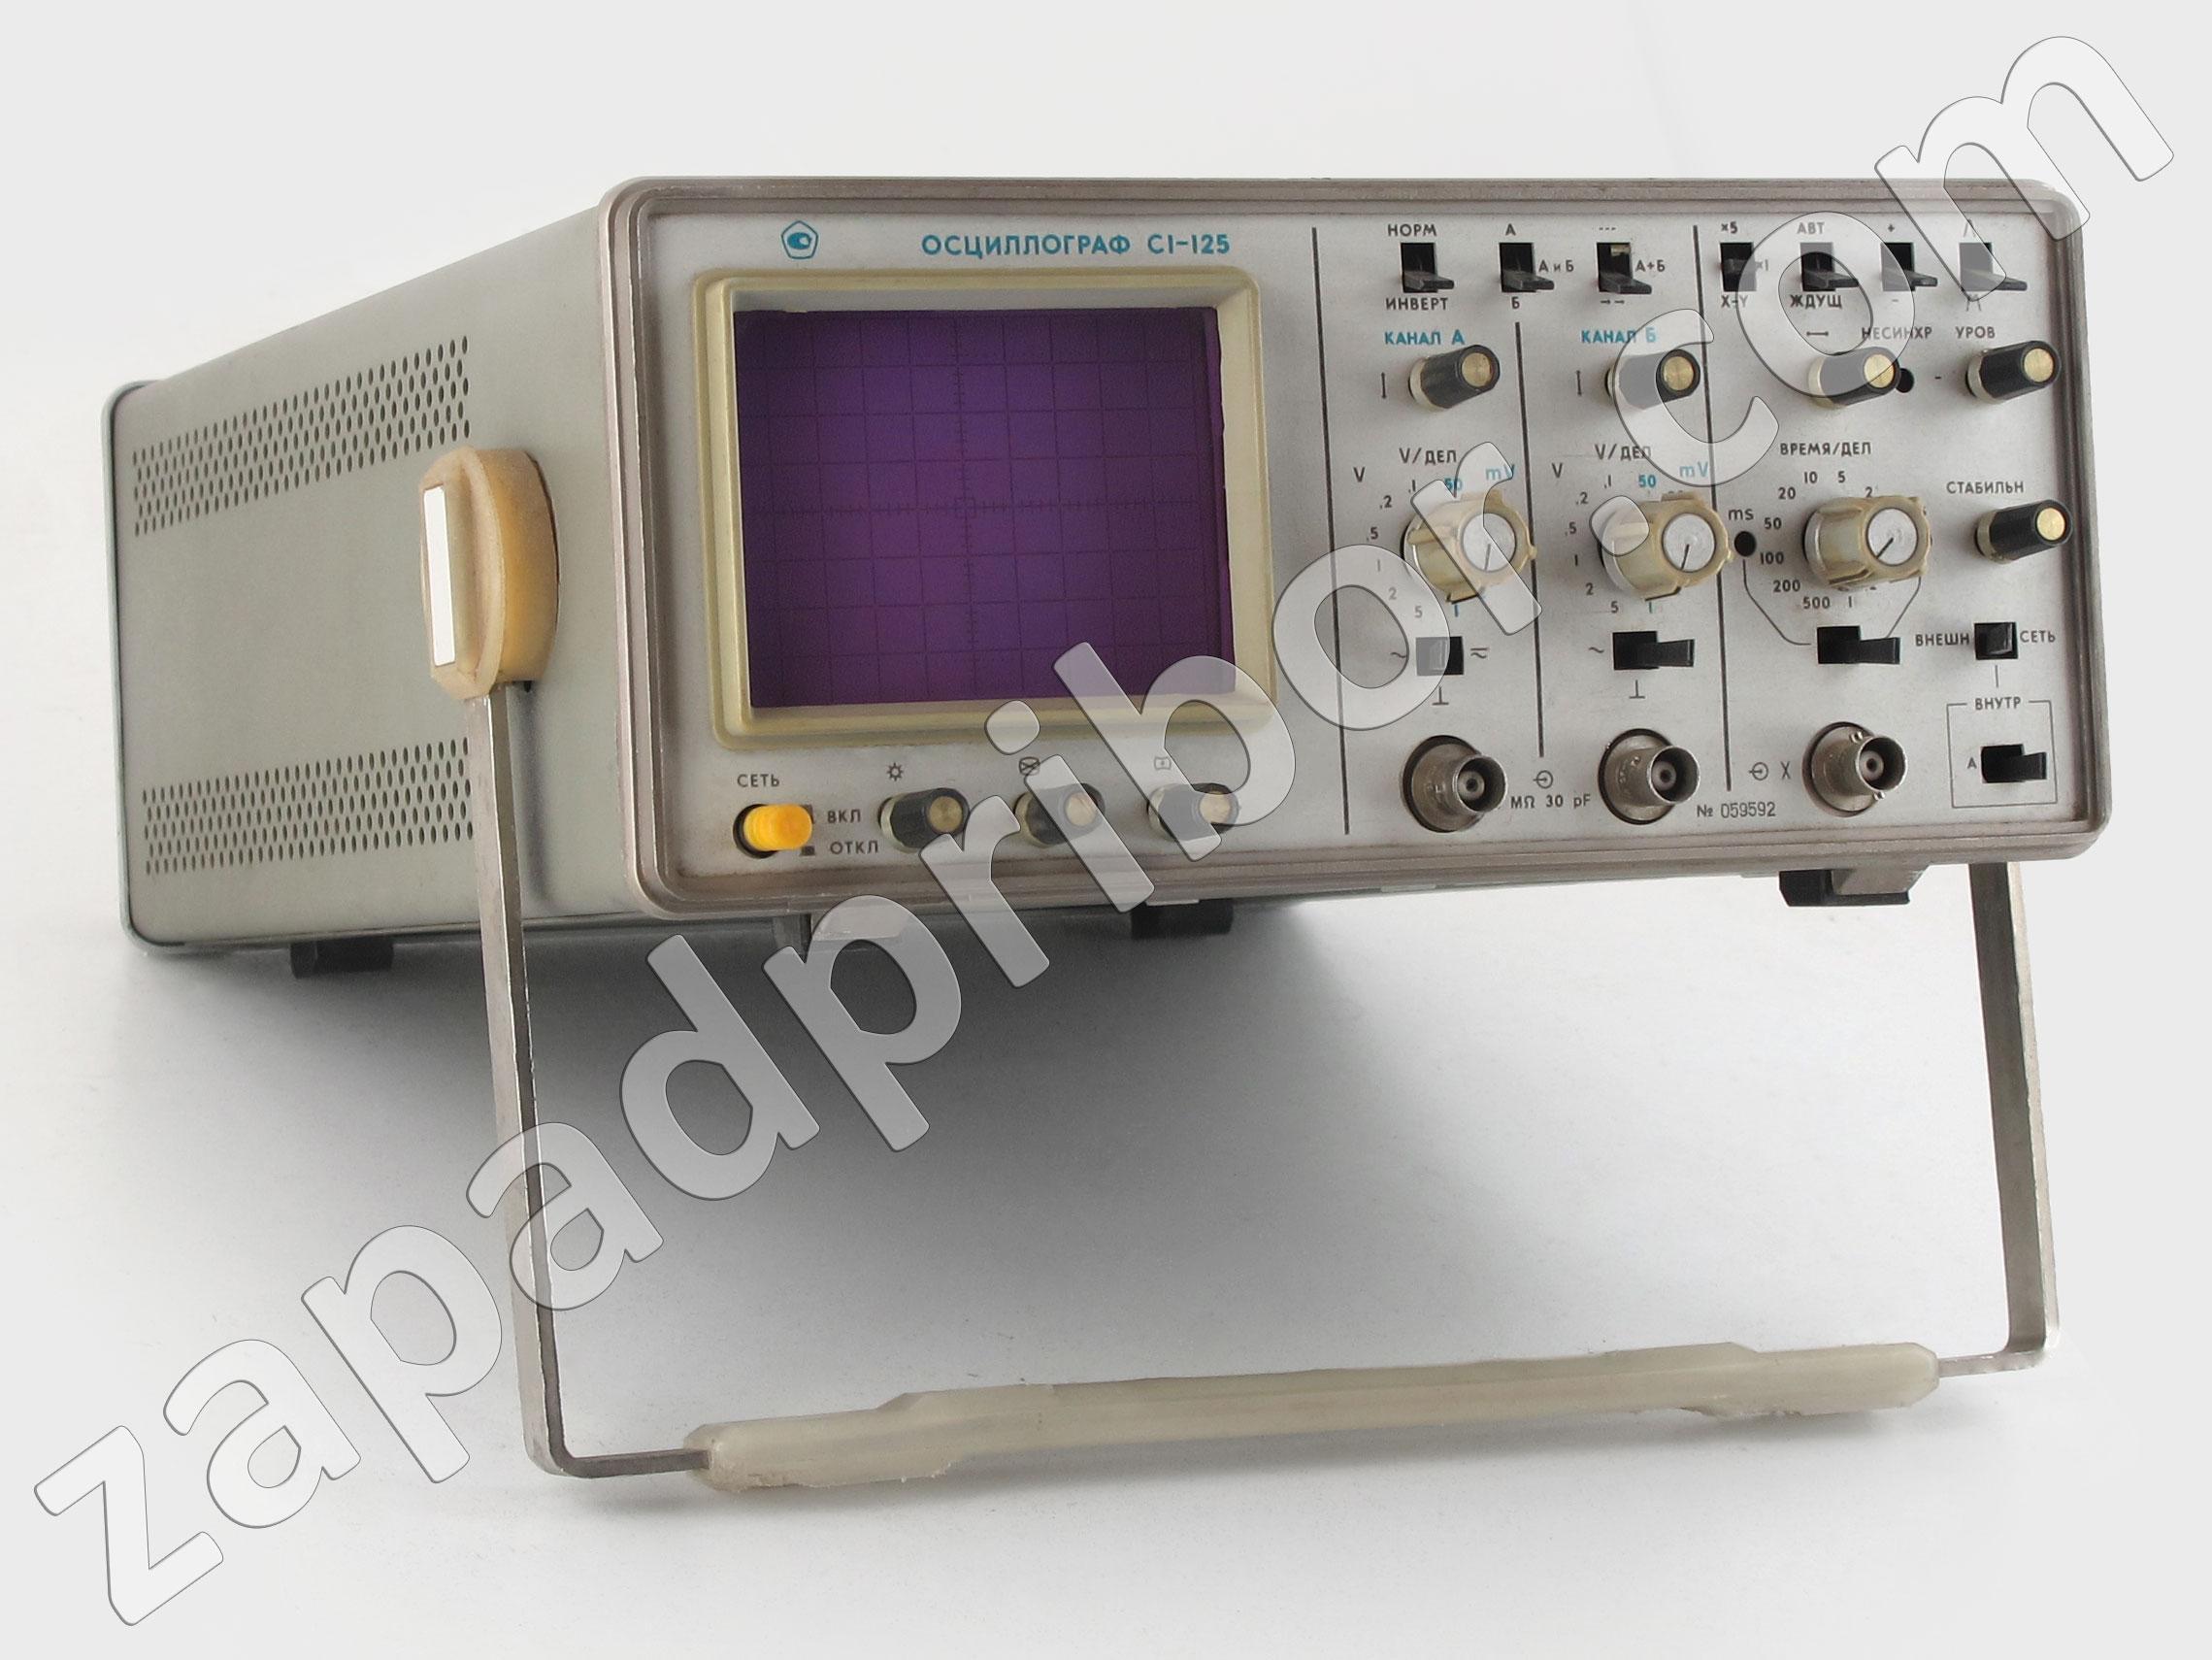 осциллограф с1-71 схема